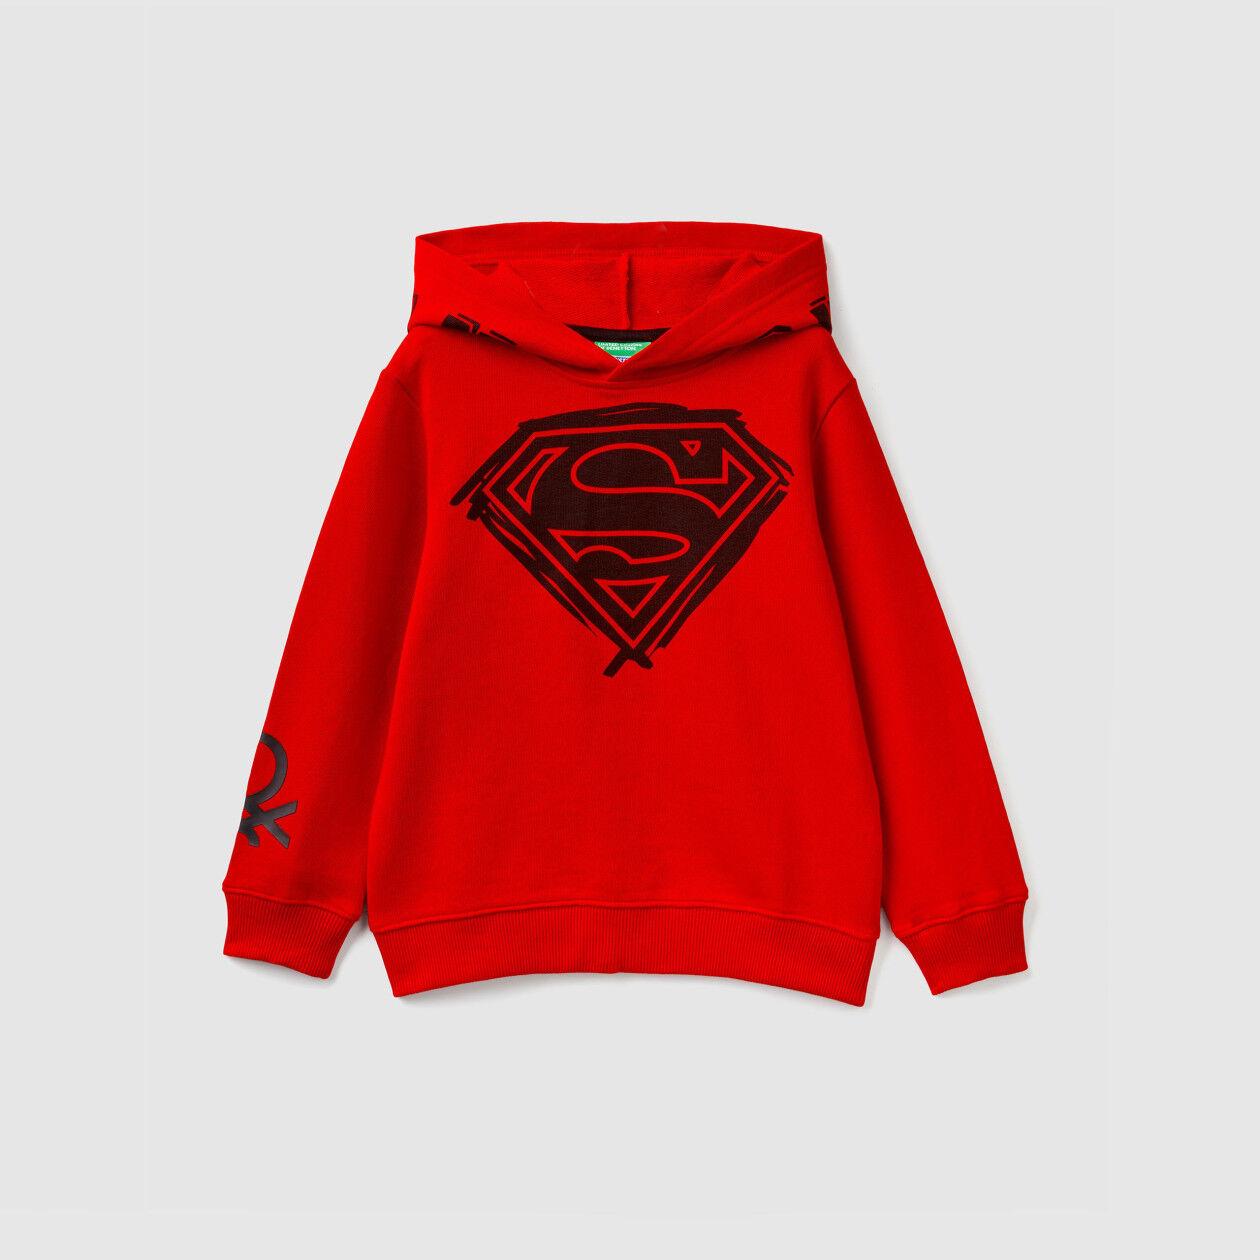 Superhero sweatshirt with hood